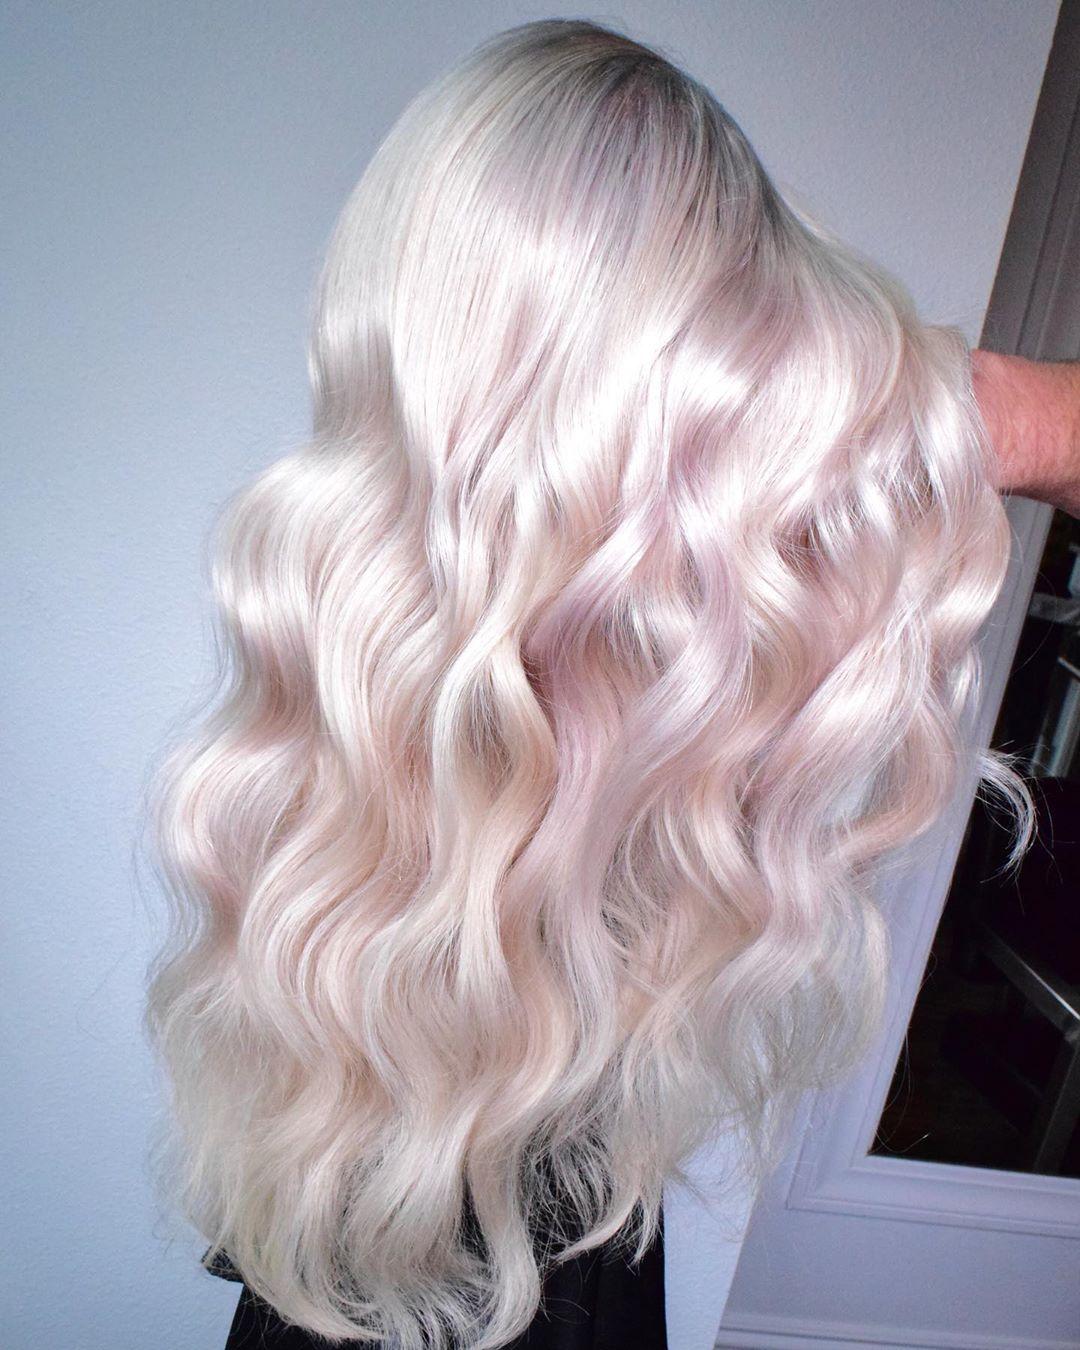 Окрашивание волос 2020 фото 7